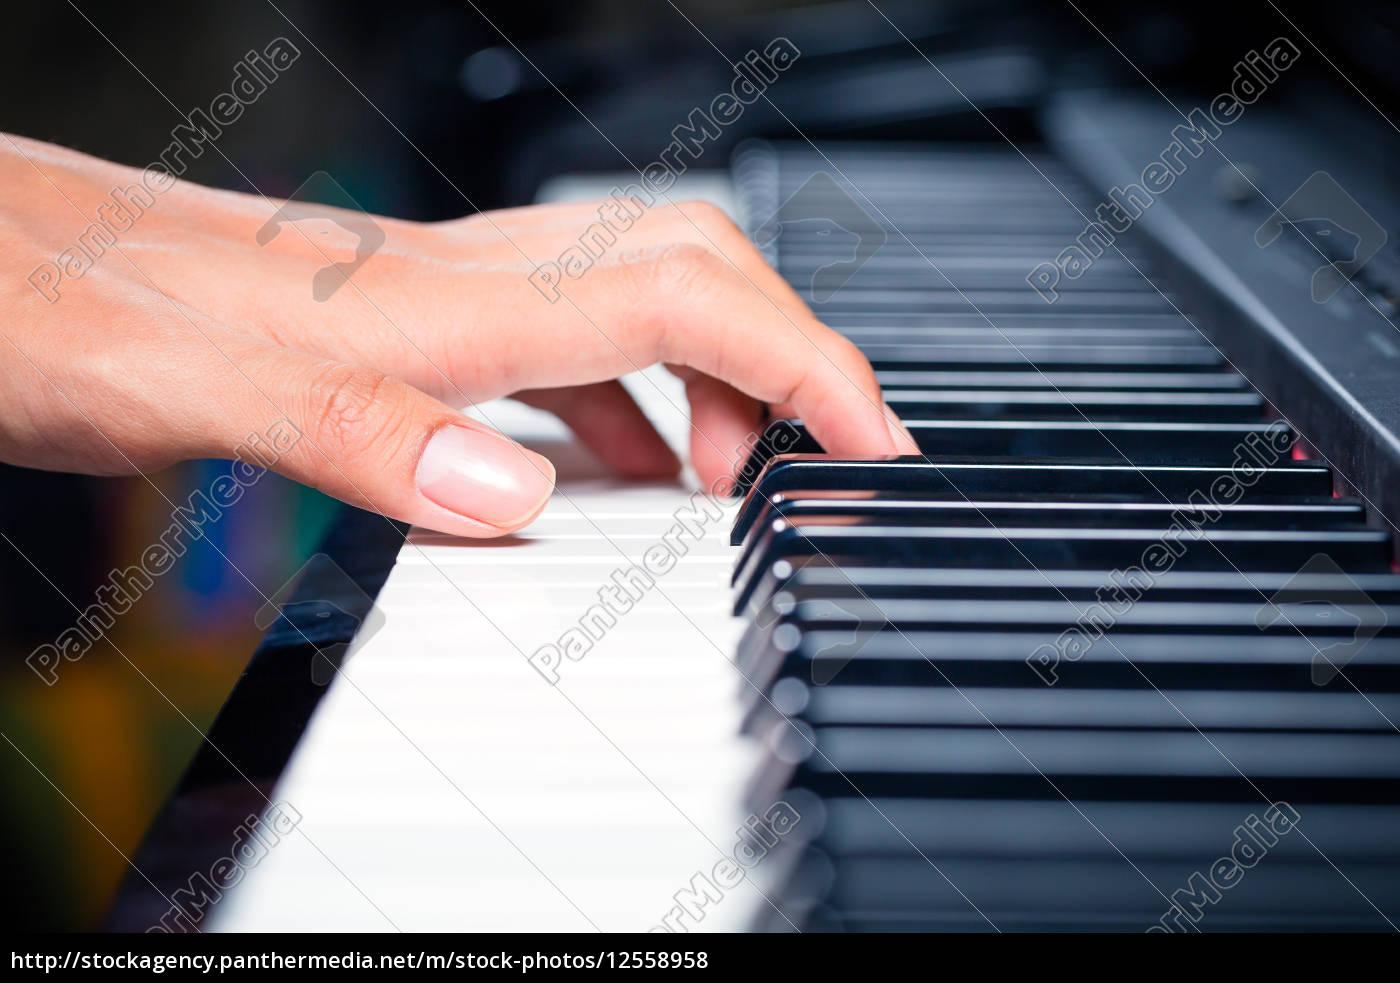 azjatycki, mężczyzna, pianista, gra, na, fortepianie - 12558958